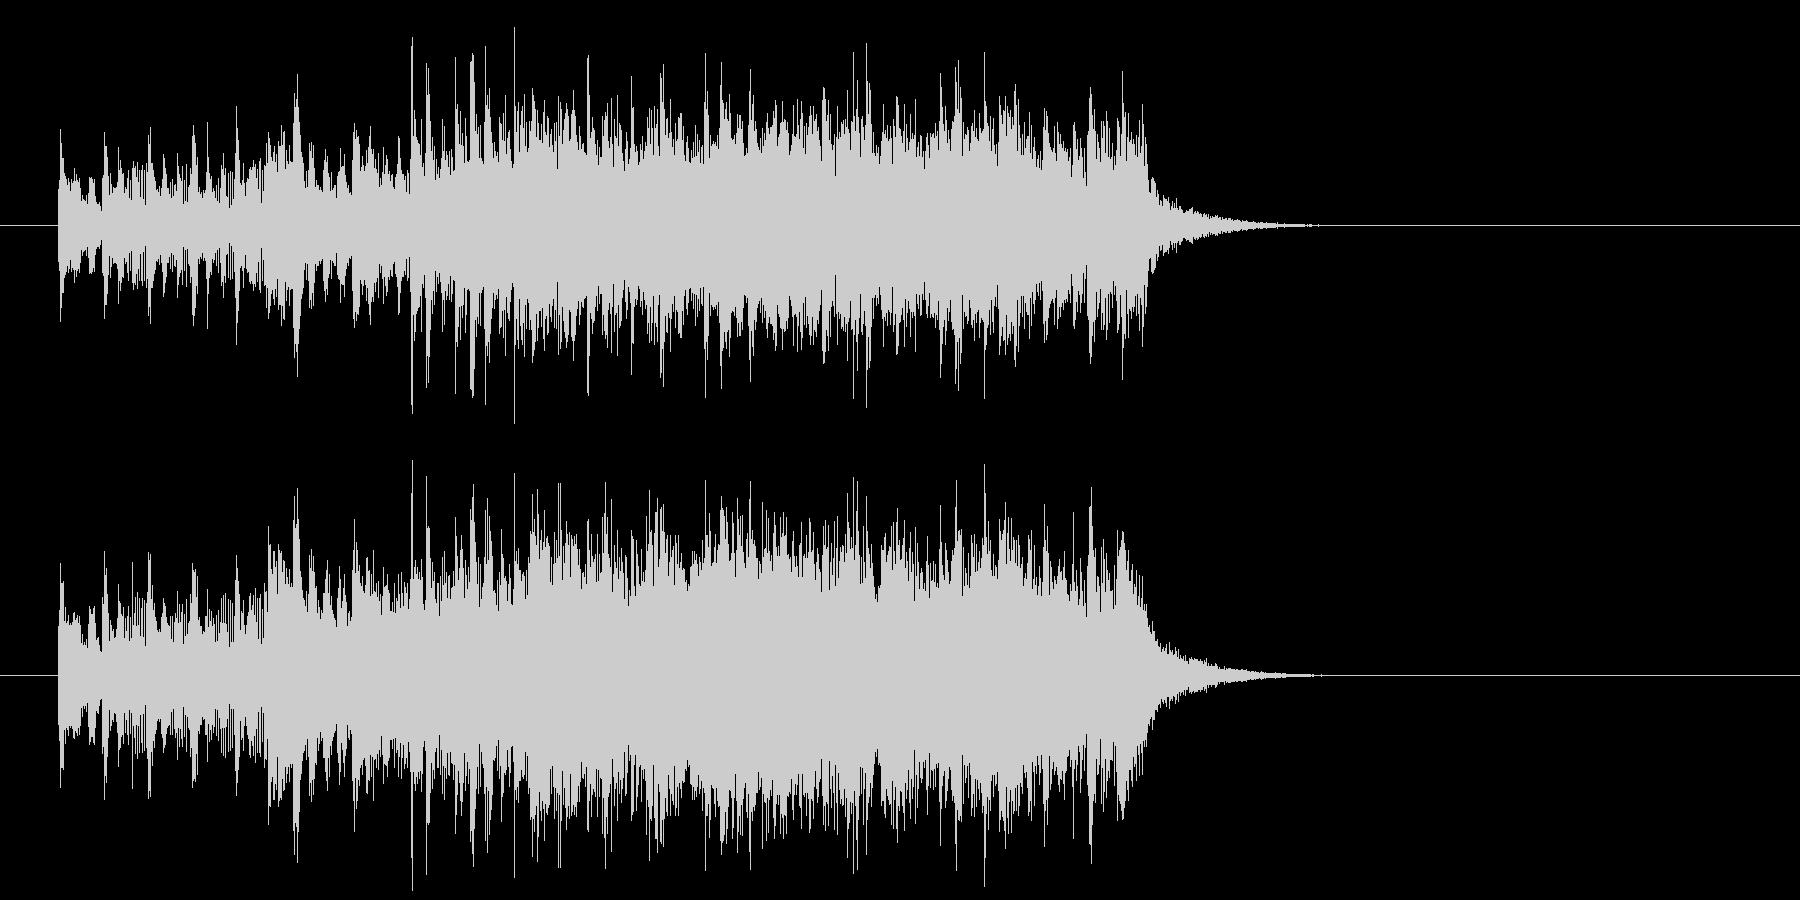 ジングル(バラエティー風)の未再生の波形